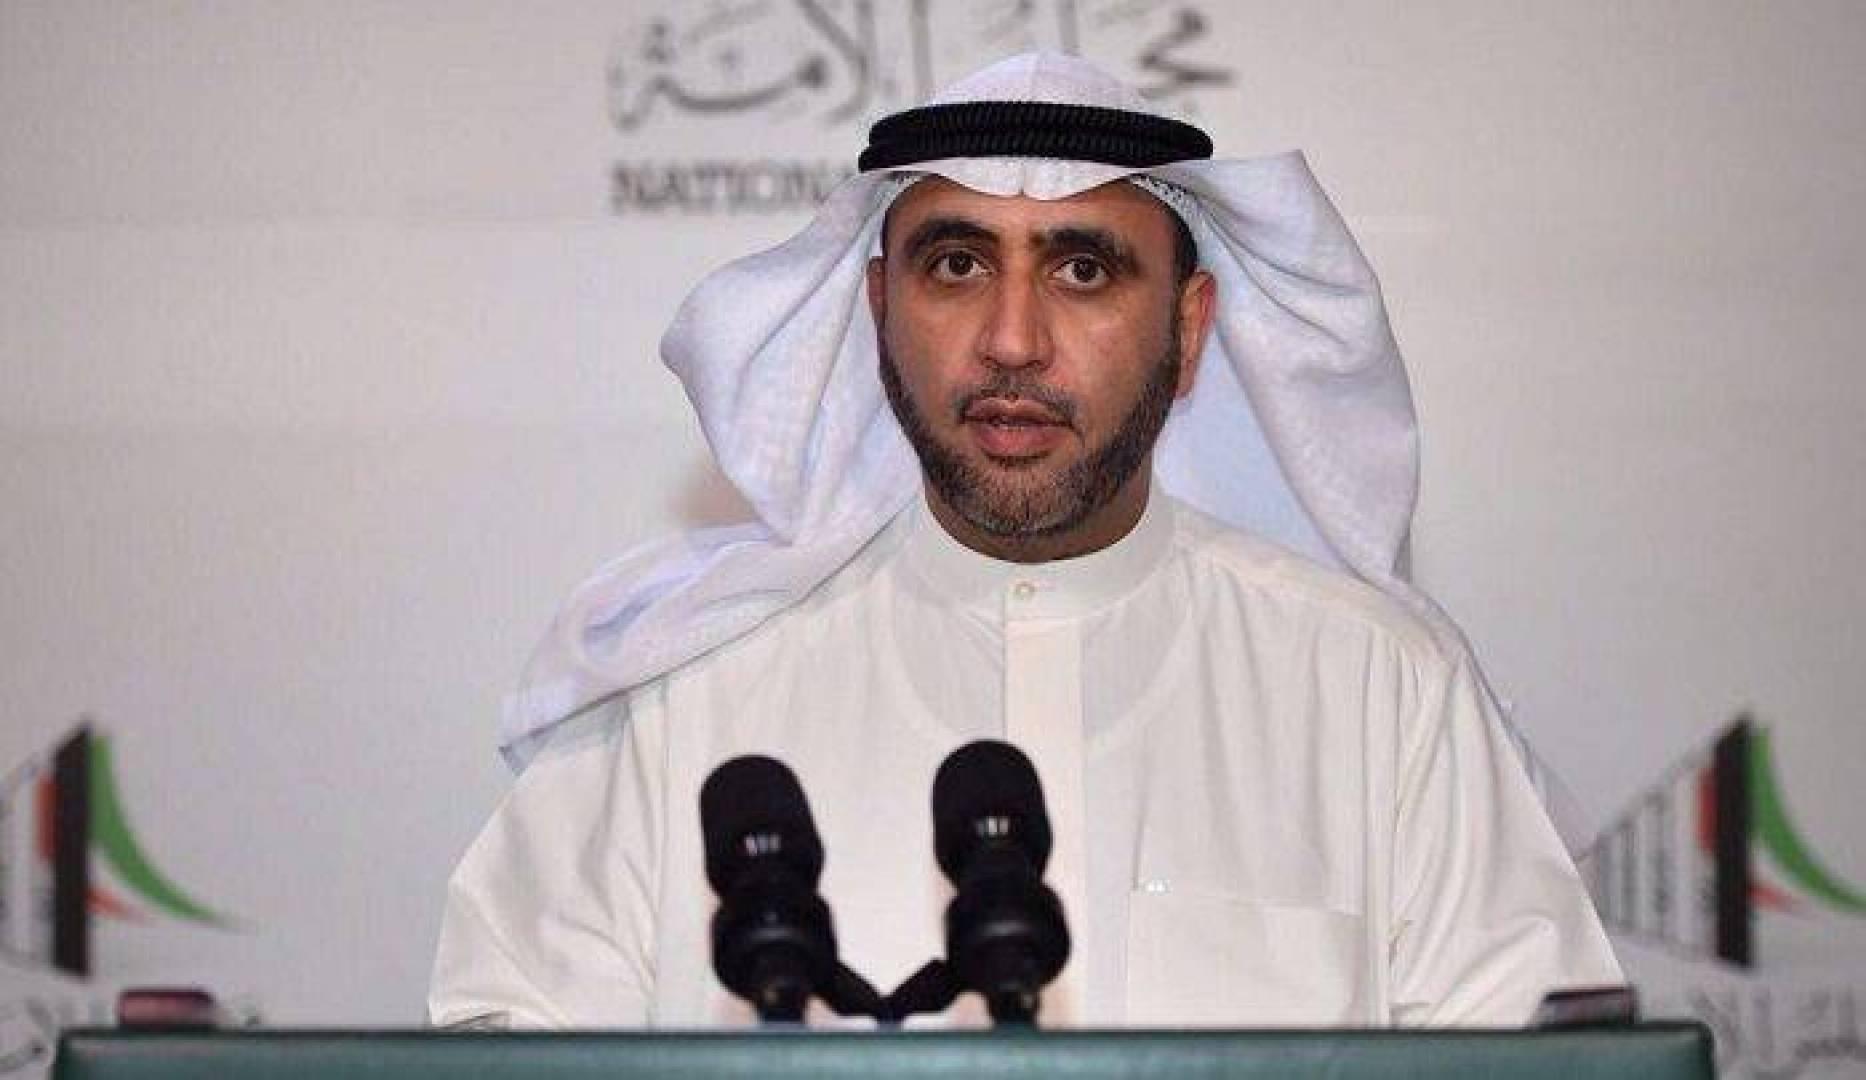 الدلال عن «القنصلية المصرية»: سوء خدمات.. خلق مشاكل مع الكويتيين